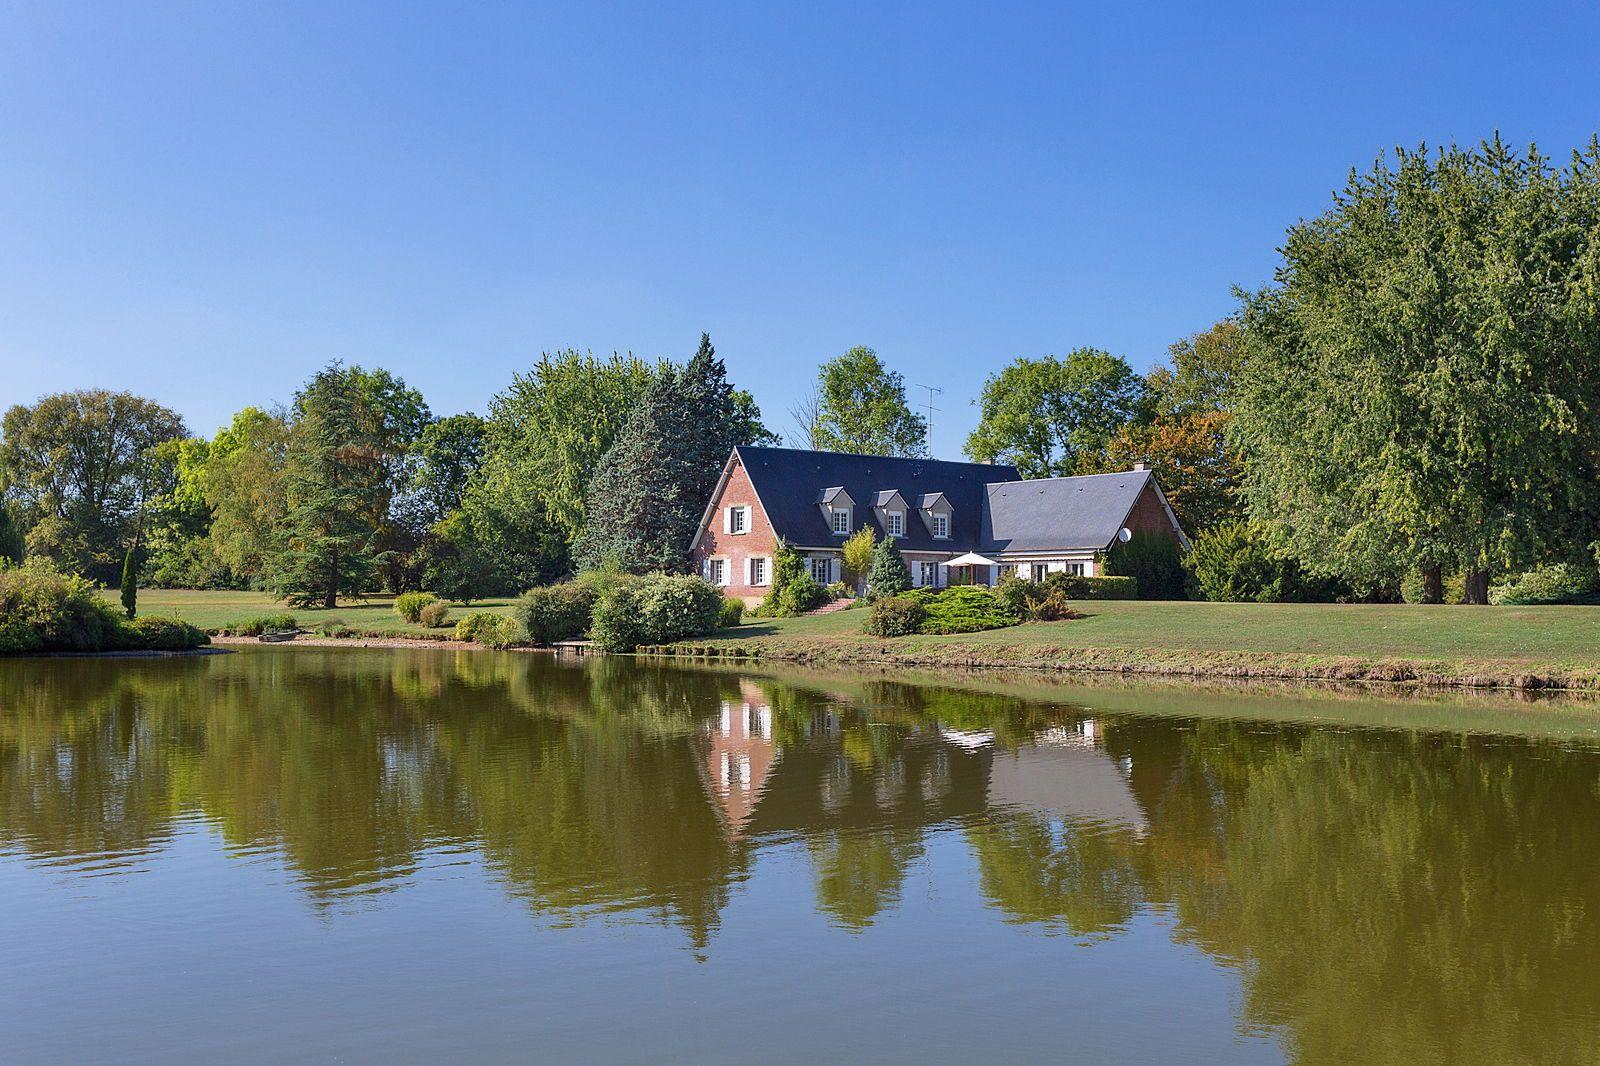 Vends belle demeure de 370m² sur 9ha, à 15km de Beauvais